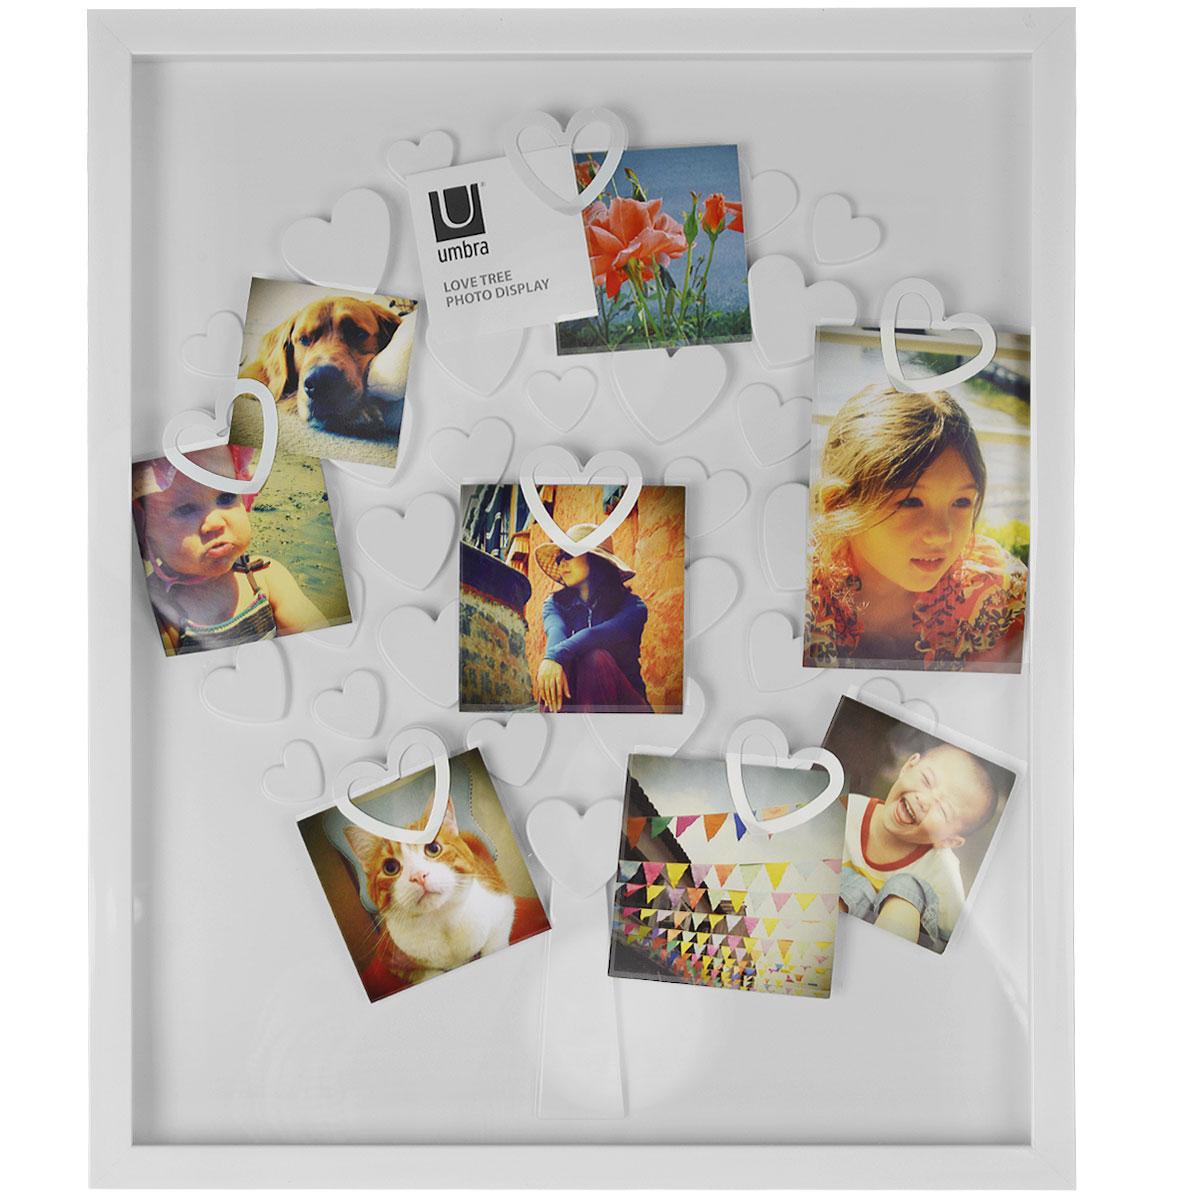 Рамка для фотографий Umbra Lovetree, настенная, цвет: белый. 311360-660311360-660Рамка для фотографий Umbra Lovetree выполнена из пластика в виде дерева. Лепестки-сердечки имеют специальные крепления, которые надежно держат до 30 фотографии. Дерево помещено в прямоугольную раму за стеклом. Такая рамка не только позволит сохранить на память изображения дорогих вам людей и интересных событий вашей жизни, но и стильно украсит интерьер помещения.